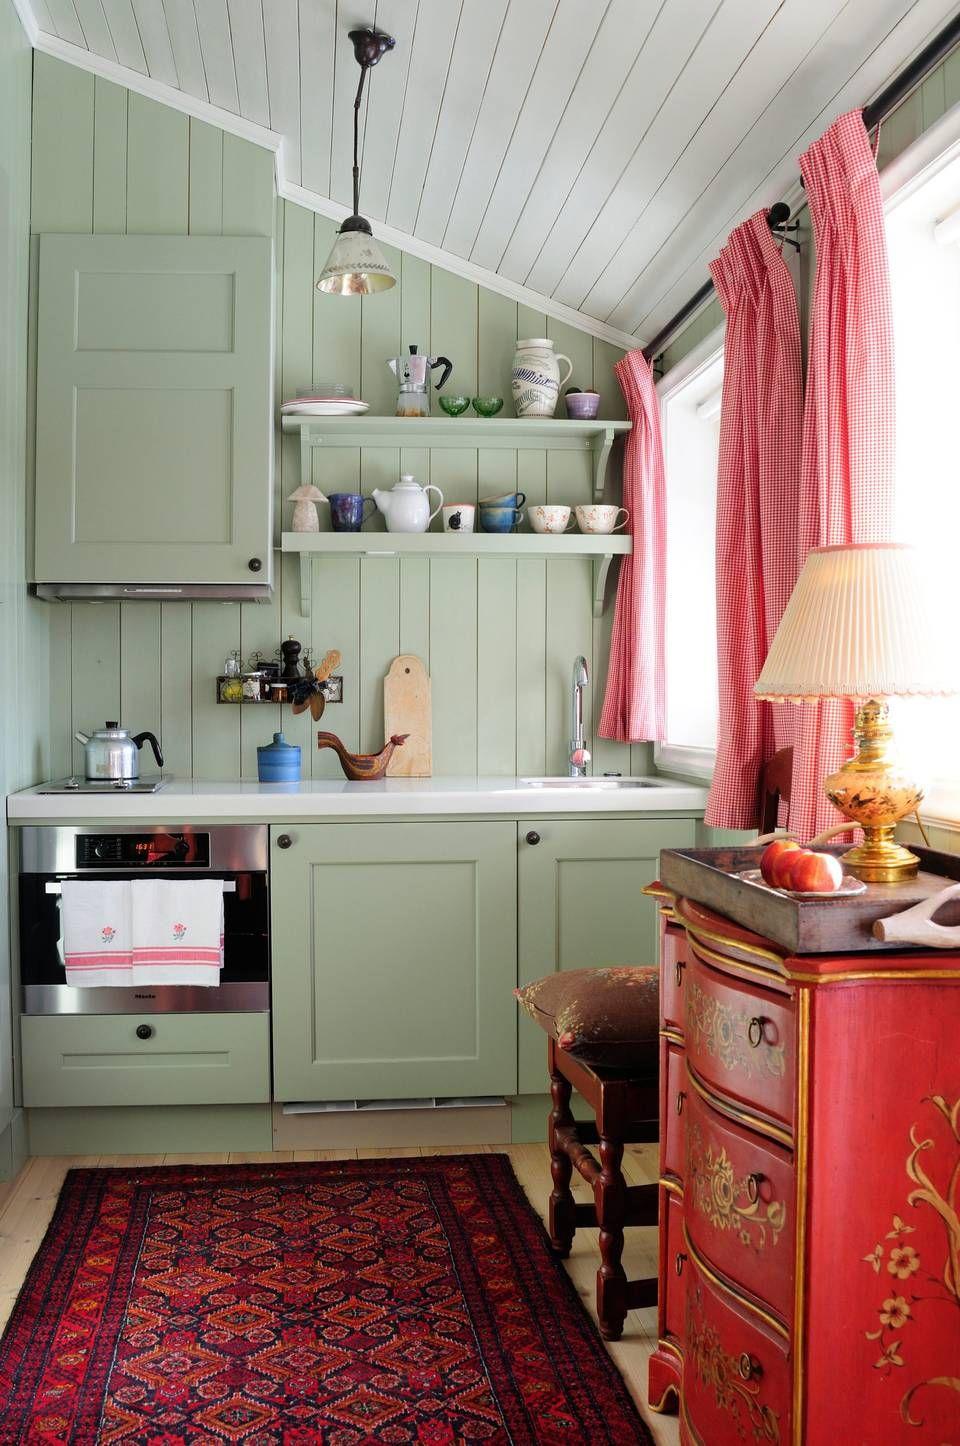 Kjøkken til hytte. Fin grønn farge http://www.klikk.no/bolig ...